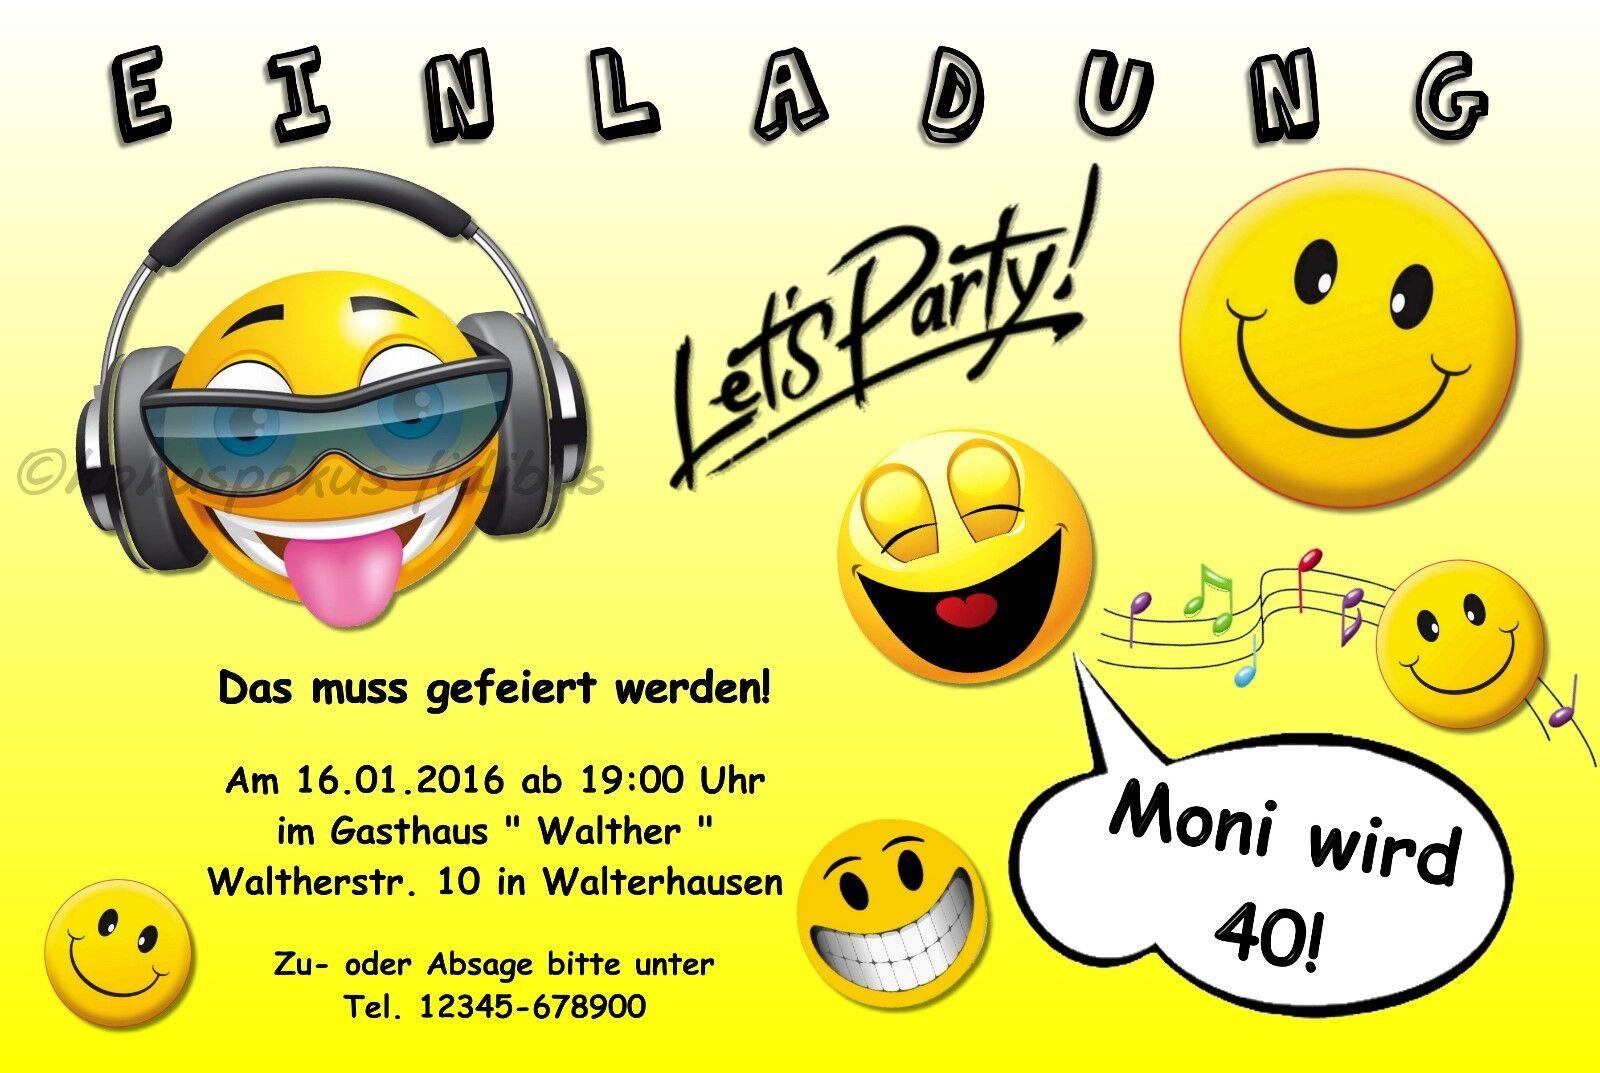 40 lustige Einladungskarten Geburtstag Einladungen Smiley JEDES ALTER 18 30 50   | Diversified In Packaging  | Angenehmes Aussehen